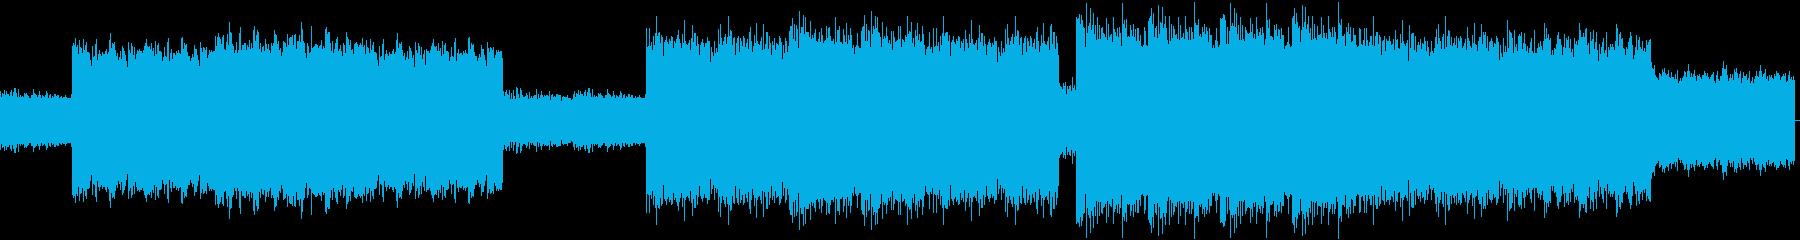 速くスパルタなロッテルダムテクノの再生済みの波形